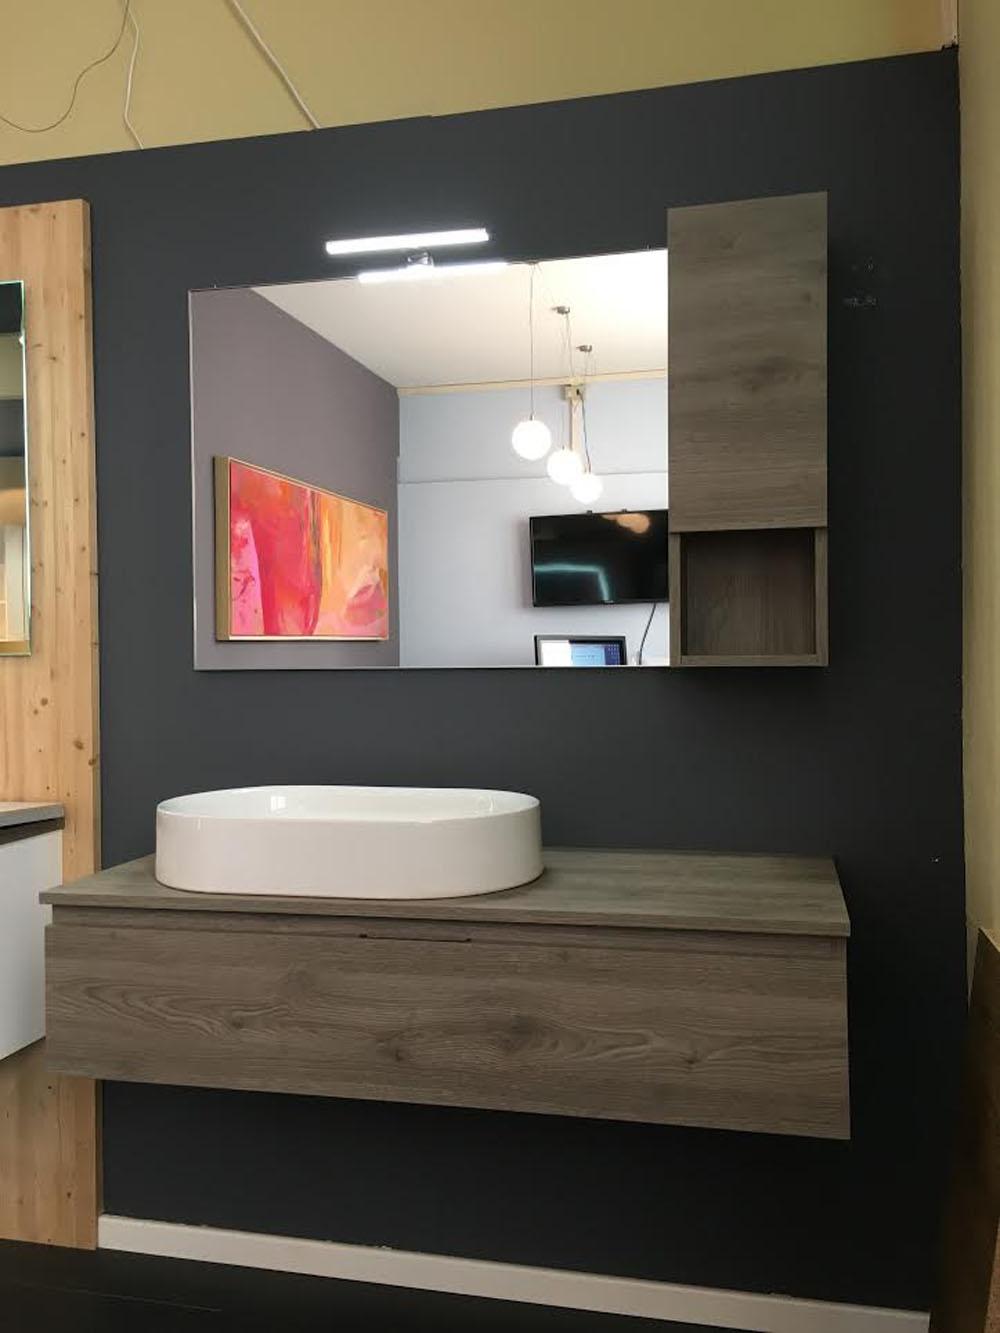 Mobile bagno moderno arteba scontato del 51 arredo - Mobile bagno moderno ...